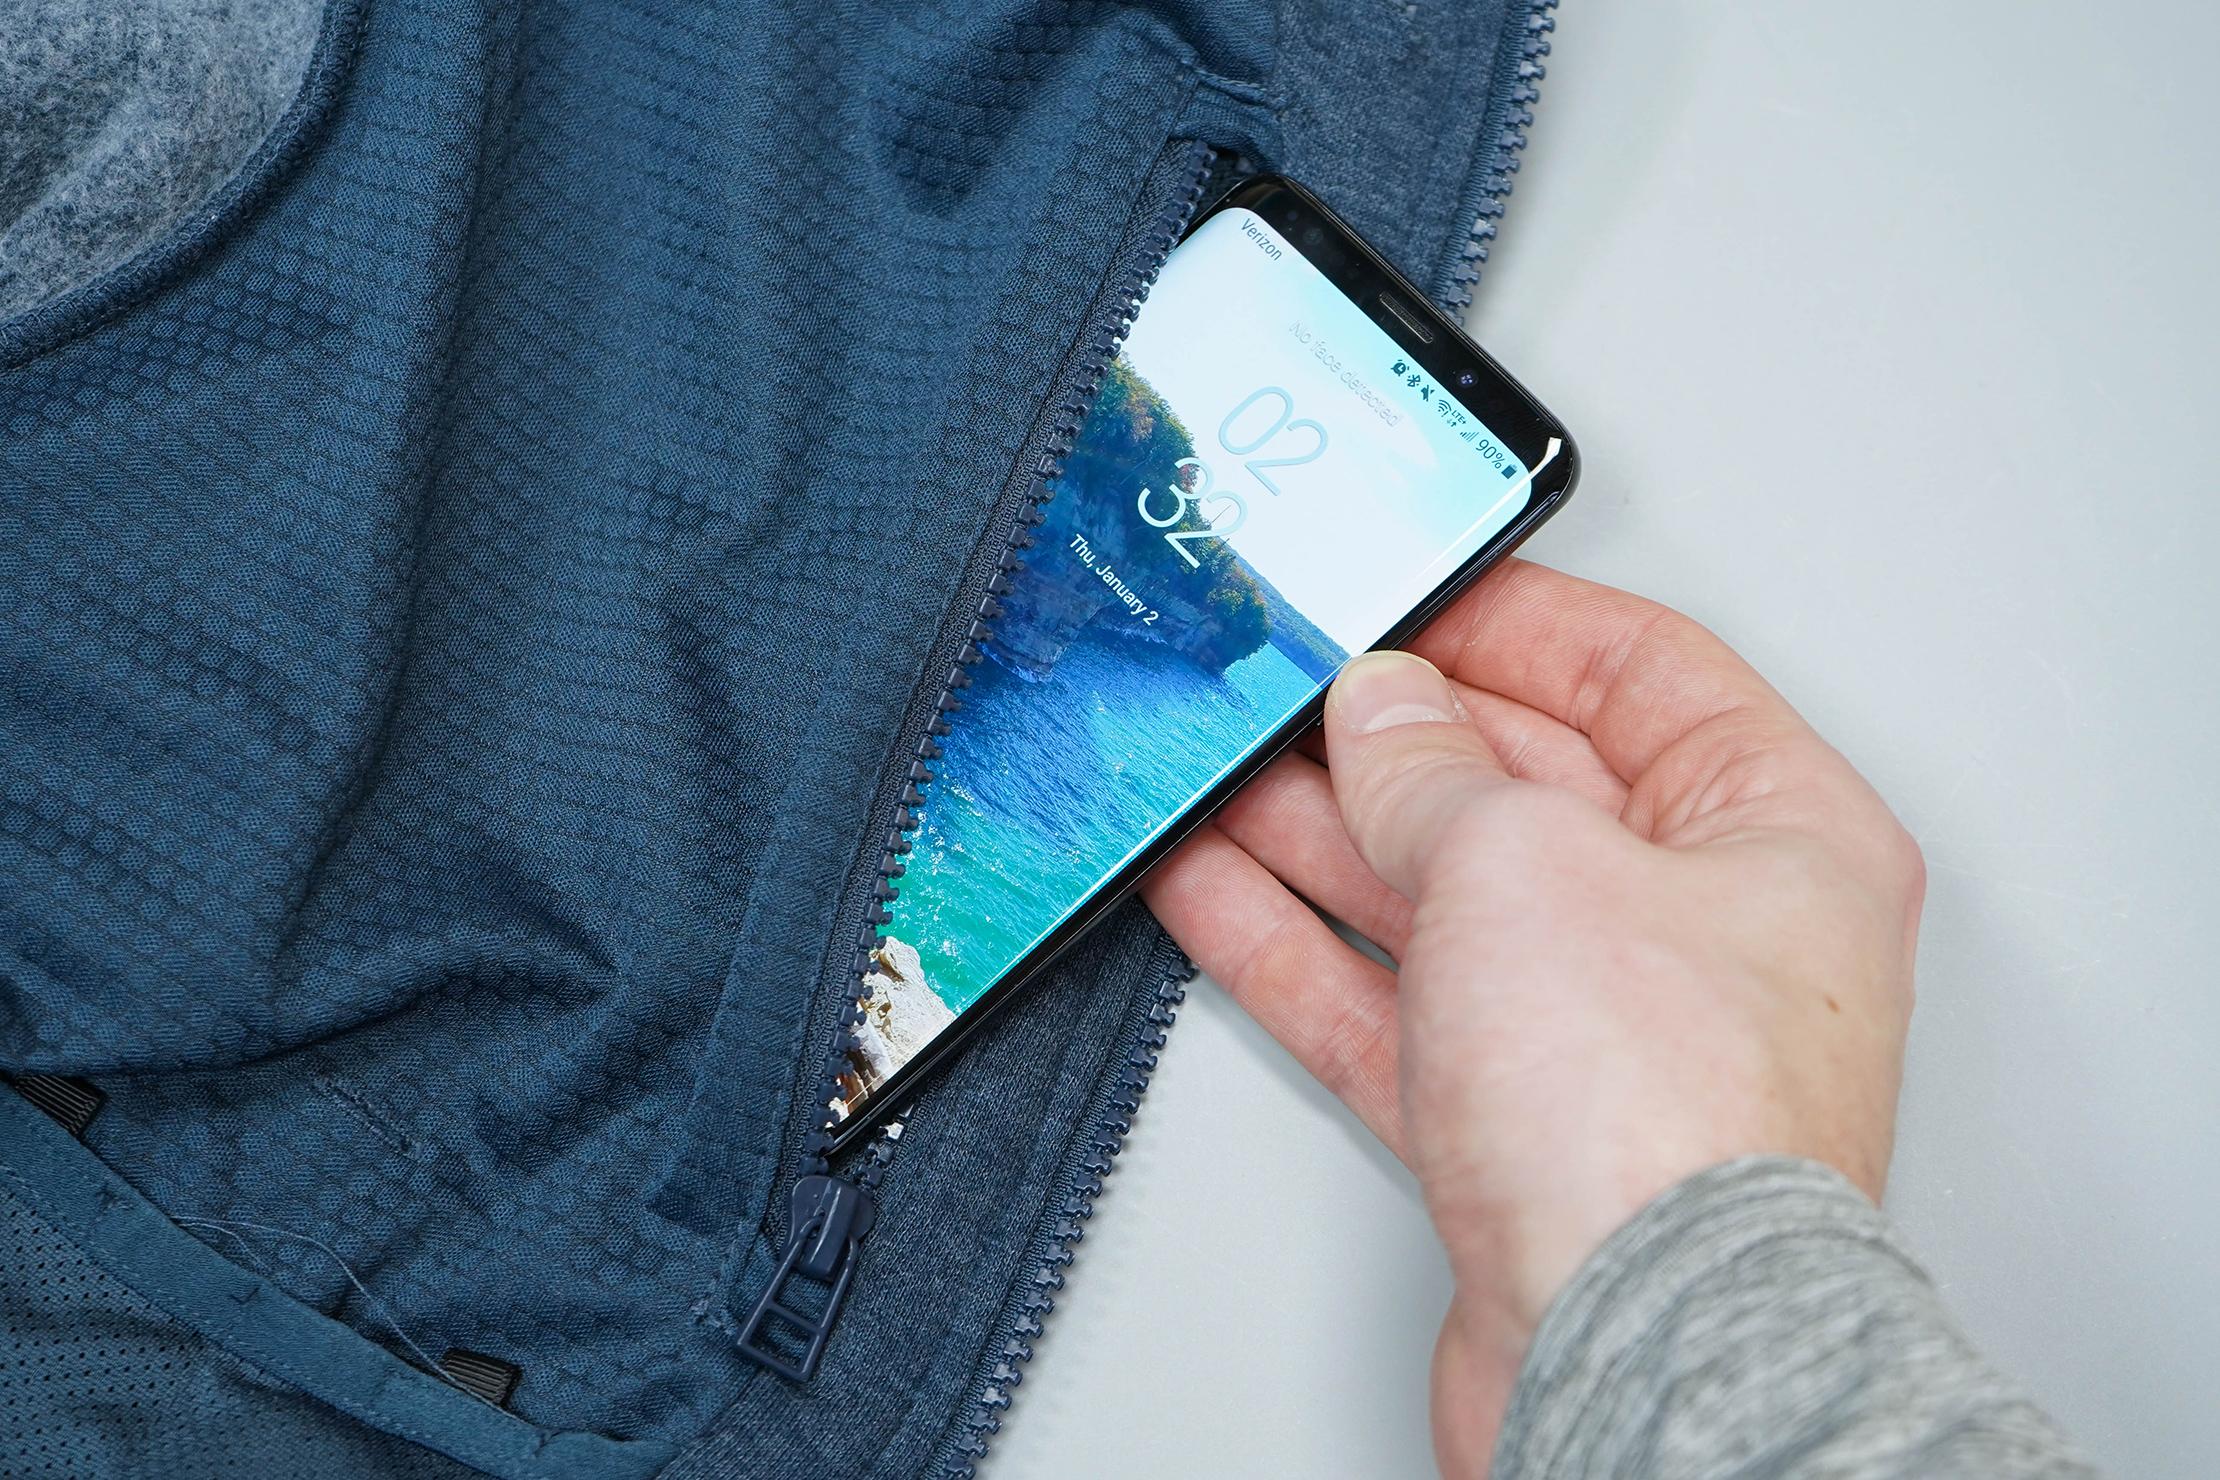 BauBax Sweatshirt 2.0 Phone Pocket